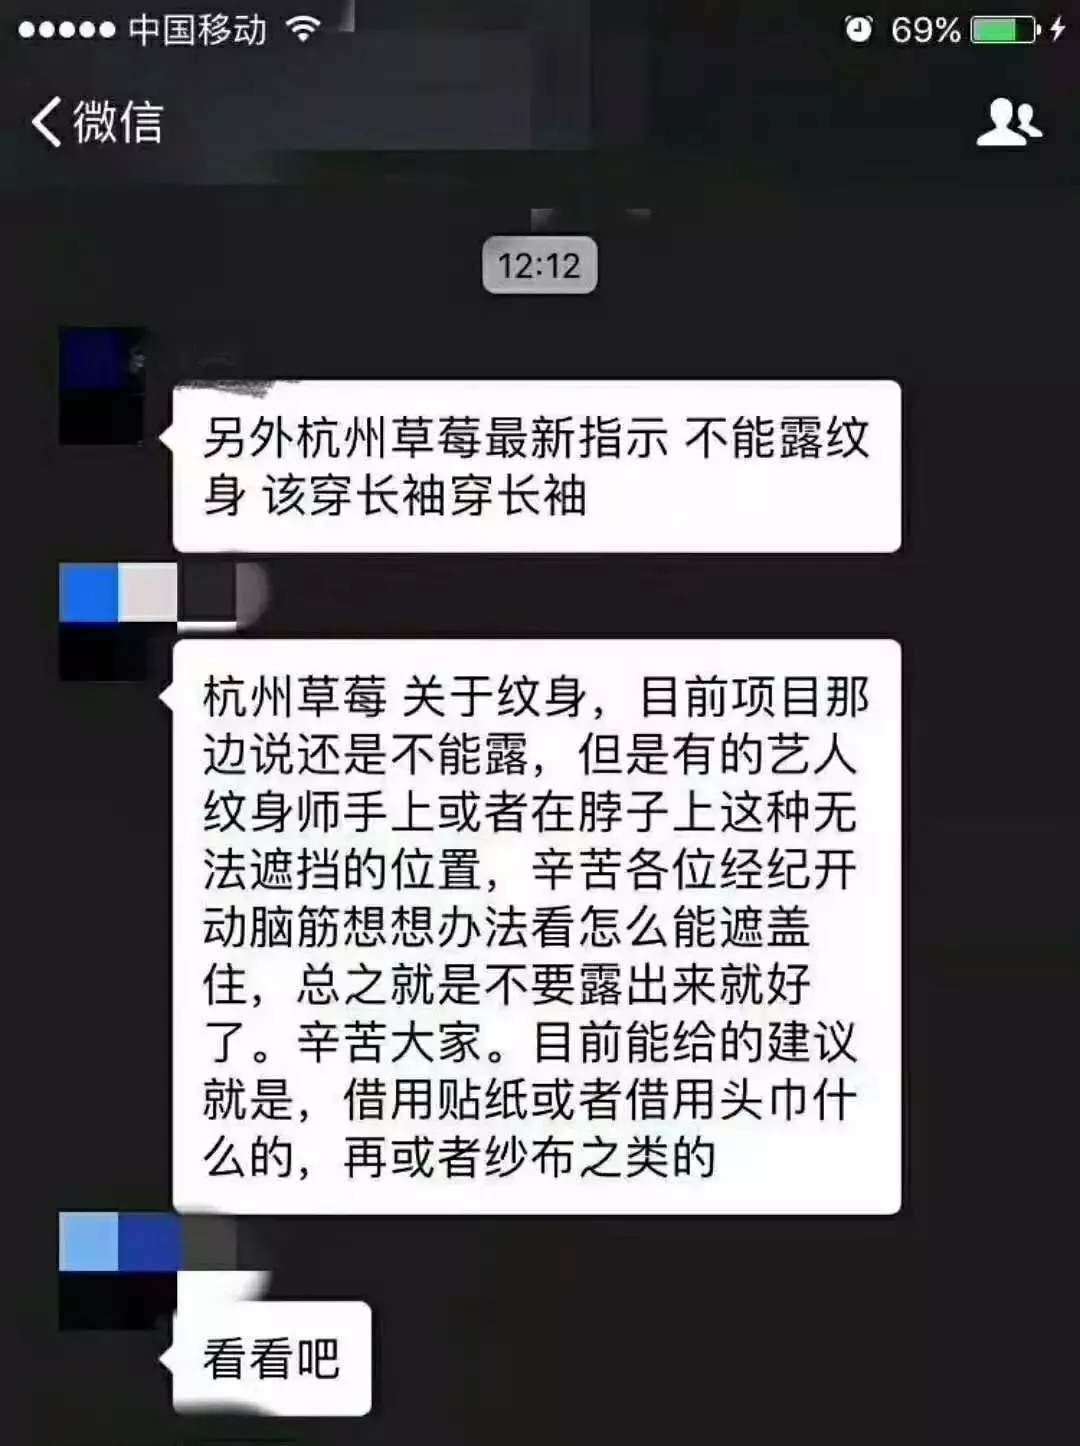 由于禁止艺人露纹身,于是杭州草莓音乐节出现了这一幕...